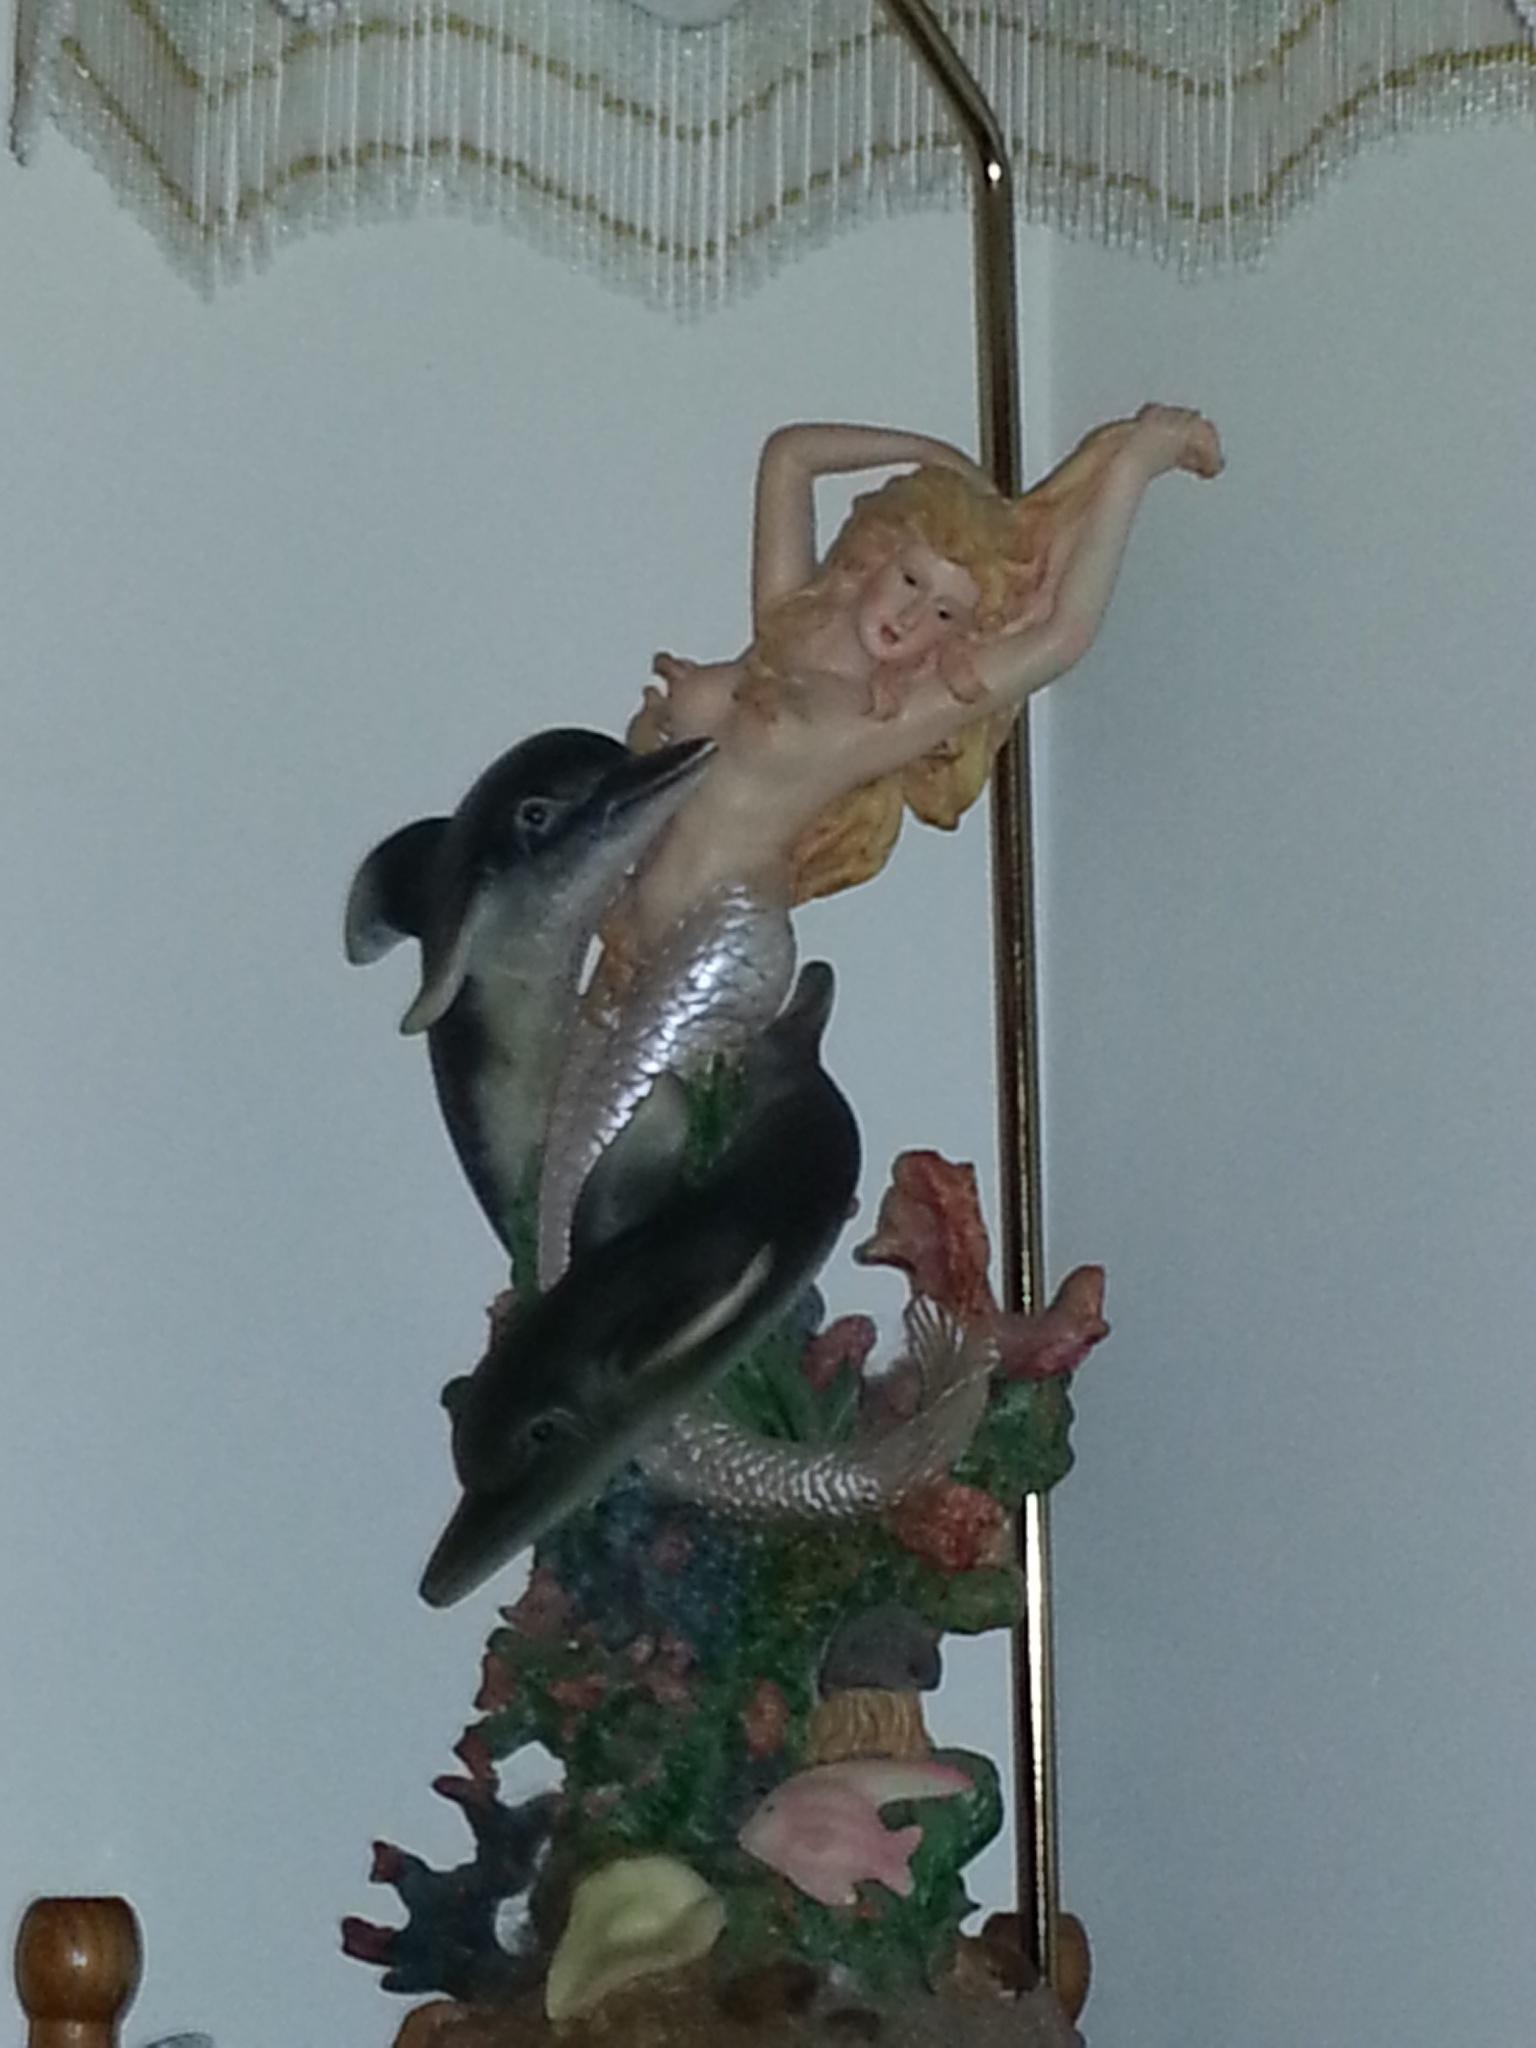 tacky mermaid lamp by pamela.kanarr